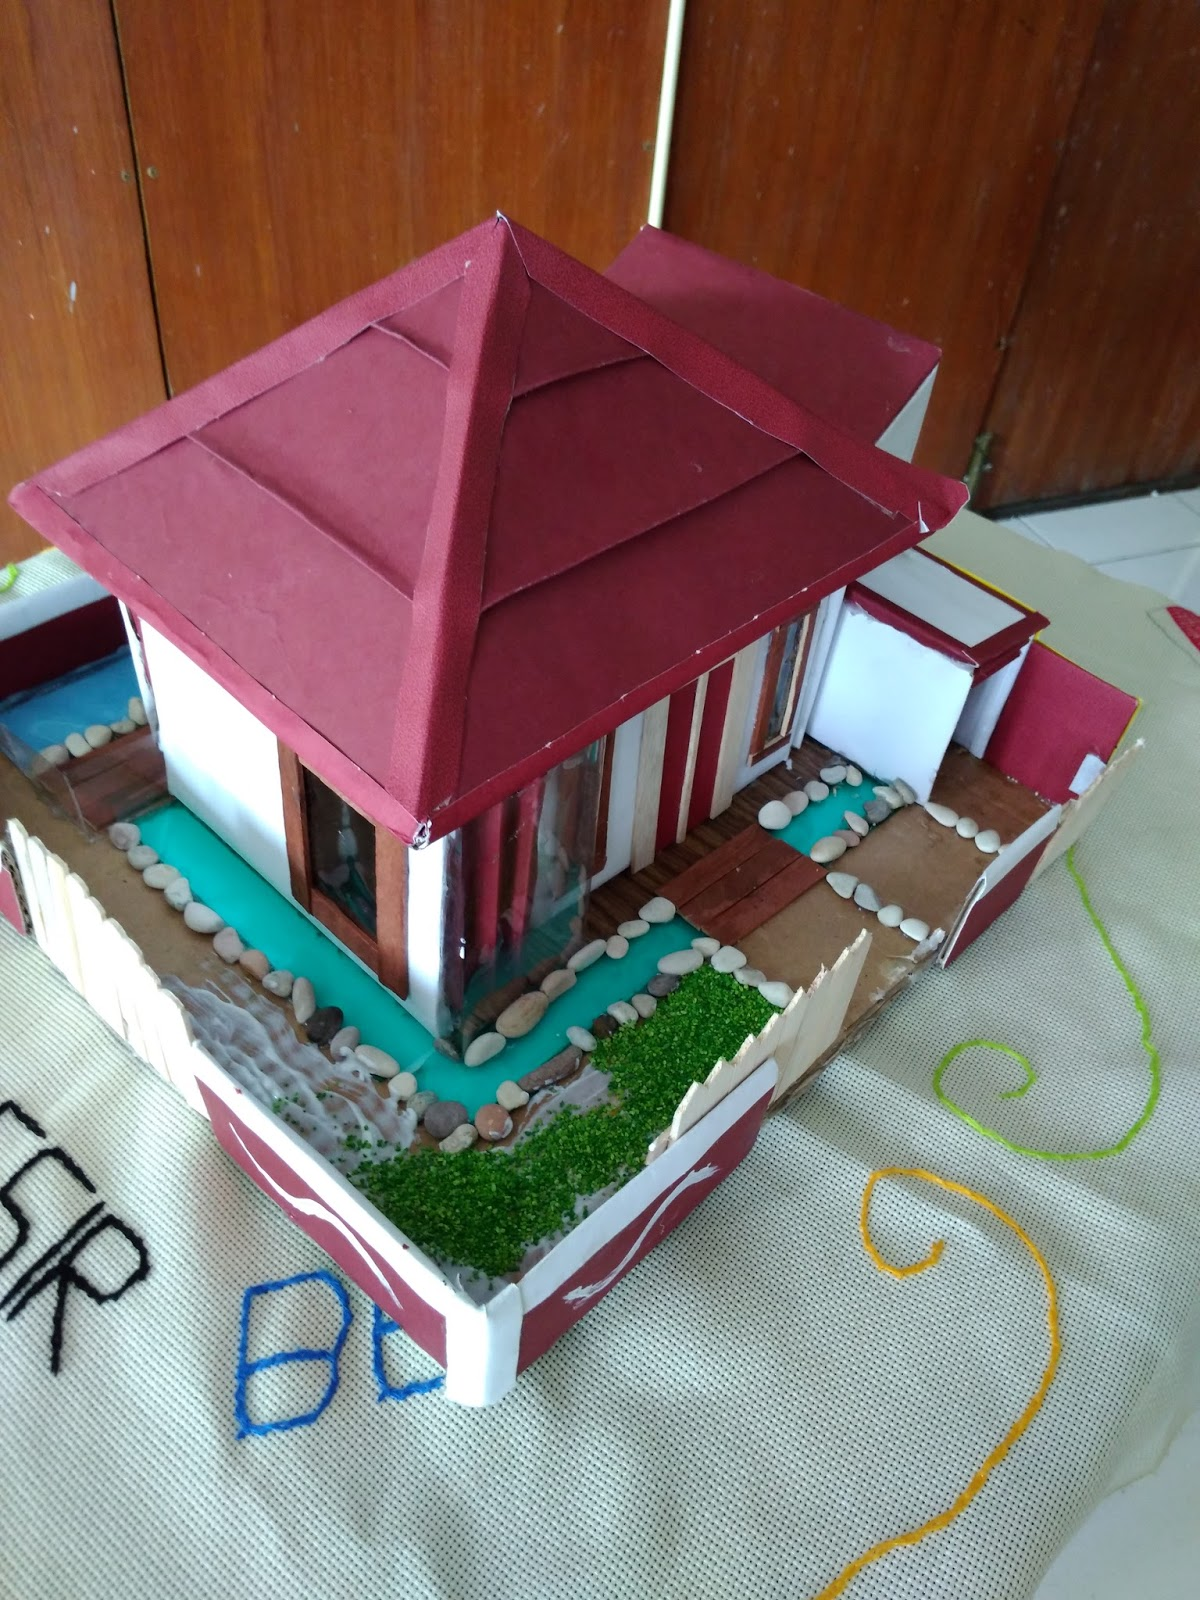 430+ Contoh Gambar Rumah Rumahan Dari Kardus HD